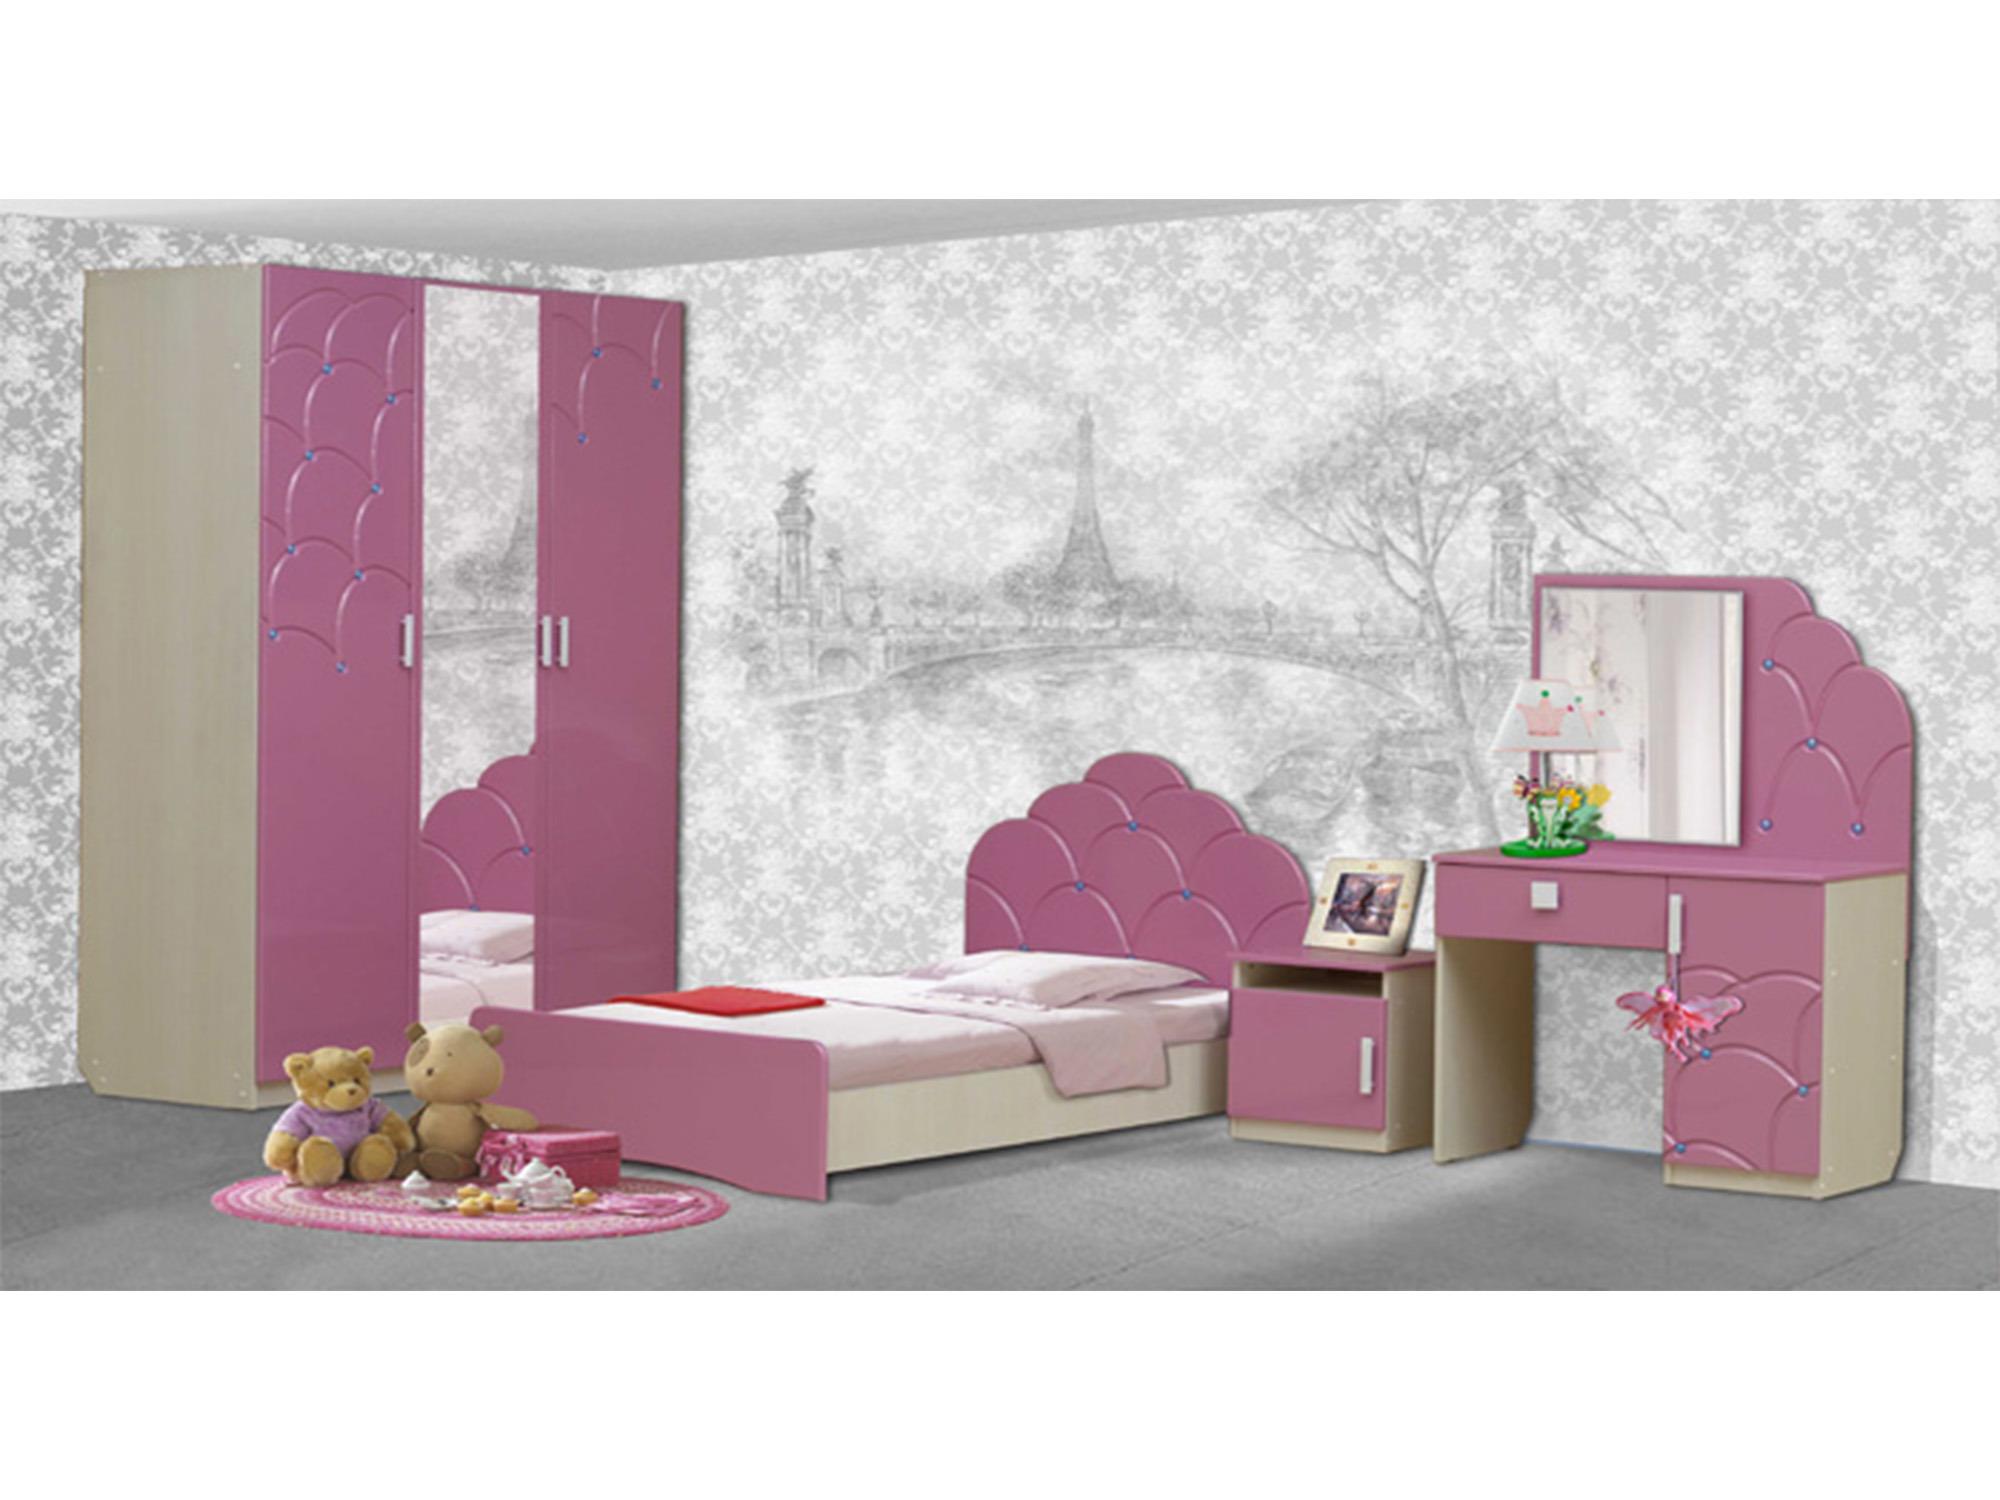 Набор мебели МальвинаДетские комнаты<br><br><br>Длина мм: 3790<br>Высота мм: 2100<br>Глубина мм: 520